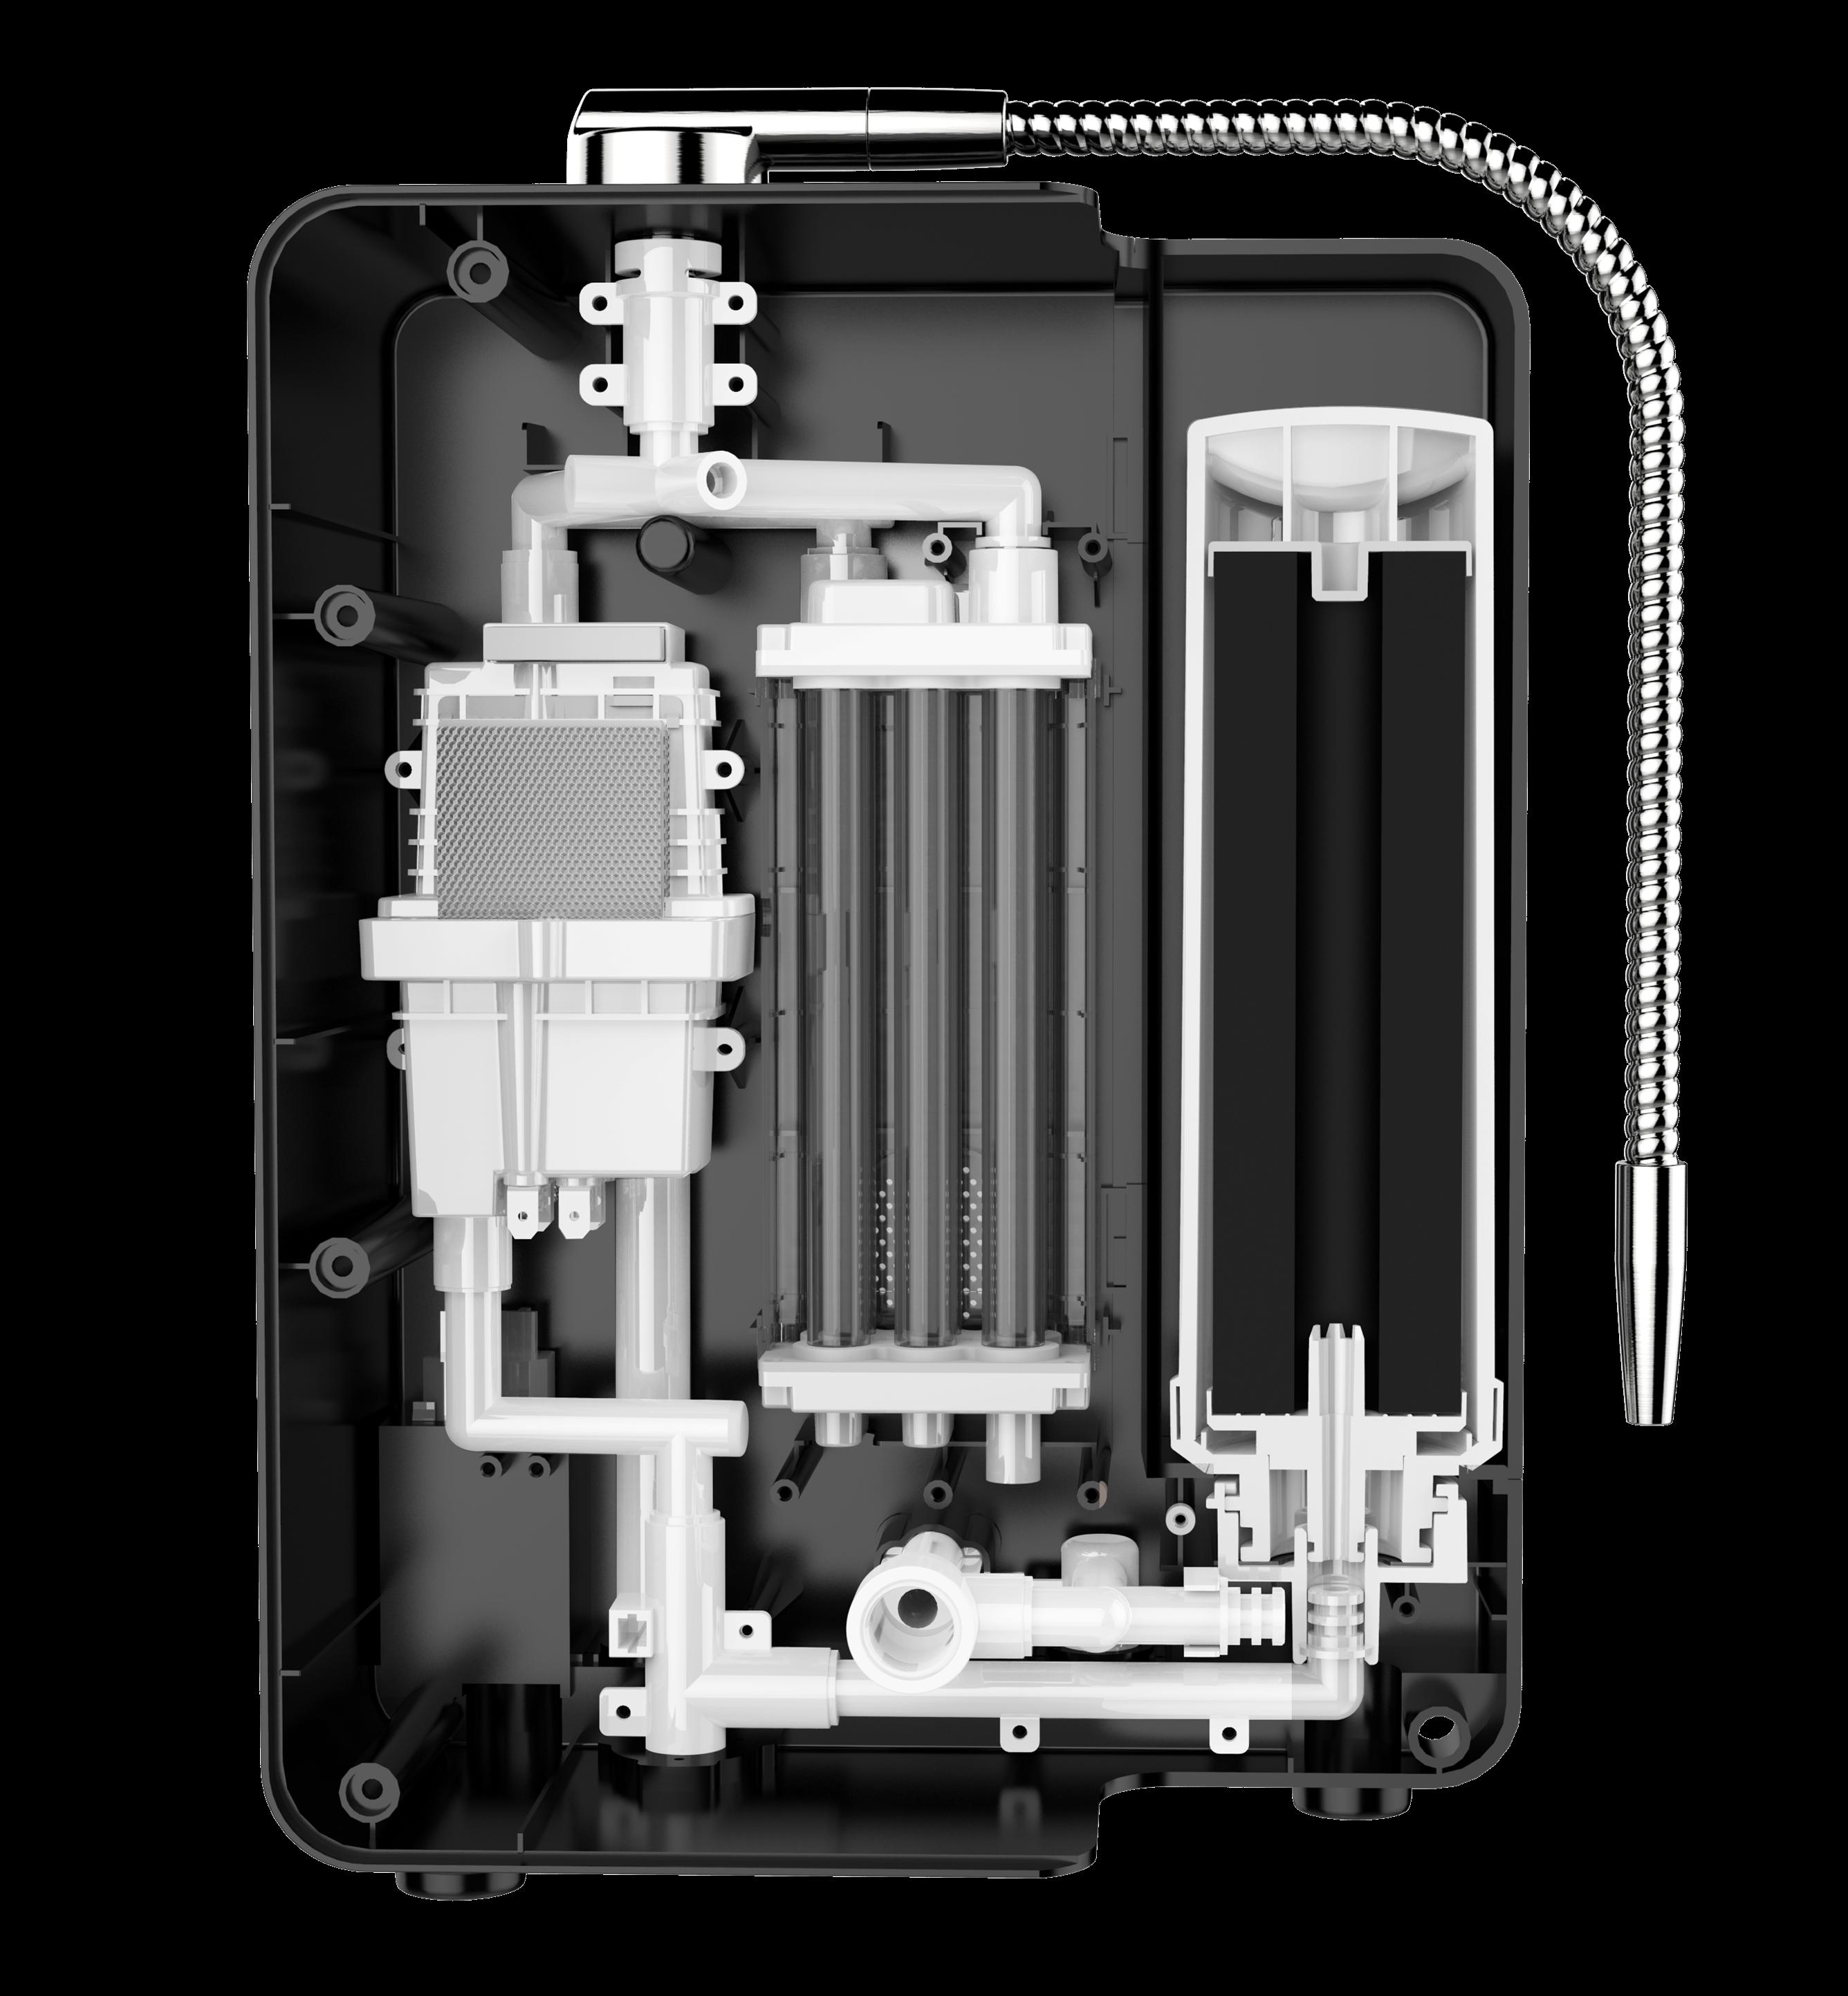 Аппарат для щелочной воды с водородом PH2.8 ~ 11